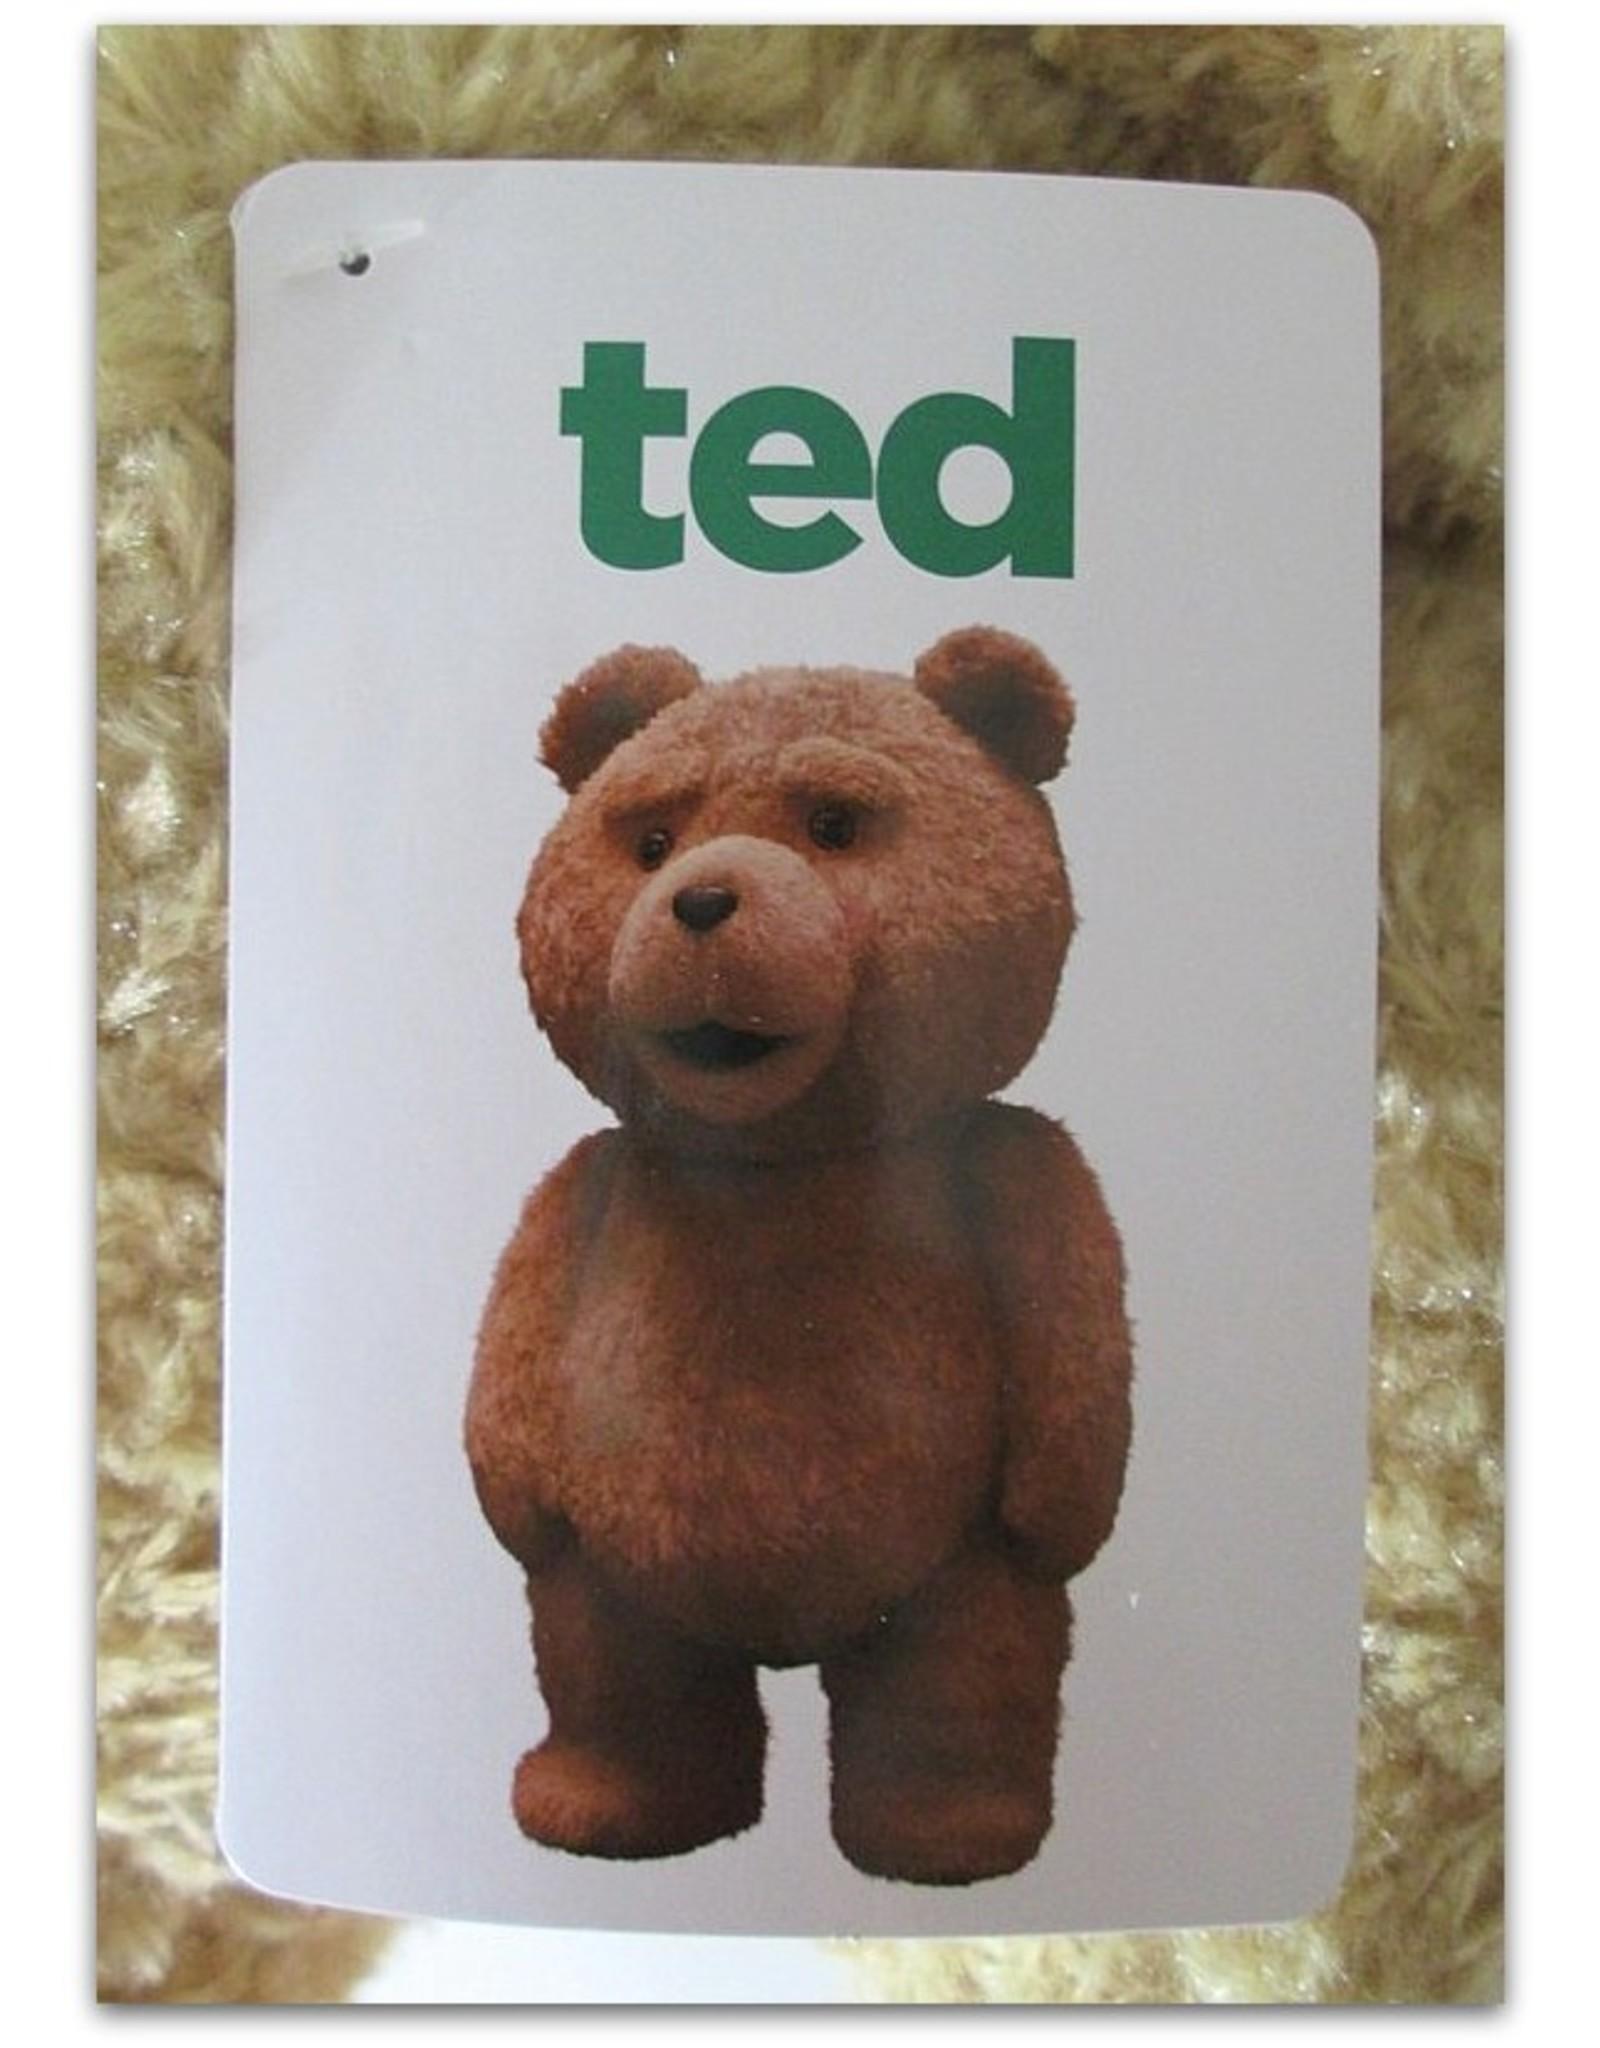 Seth MacFarlane - Ted : R-rated  [Pluche Teddybeer]